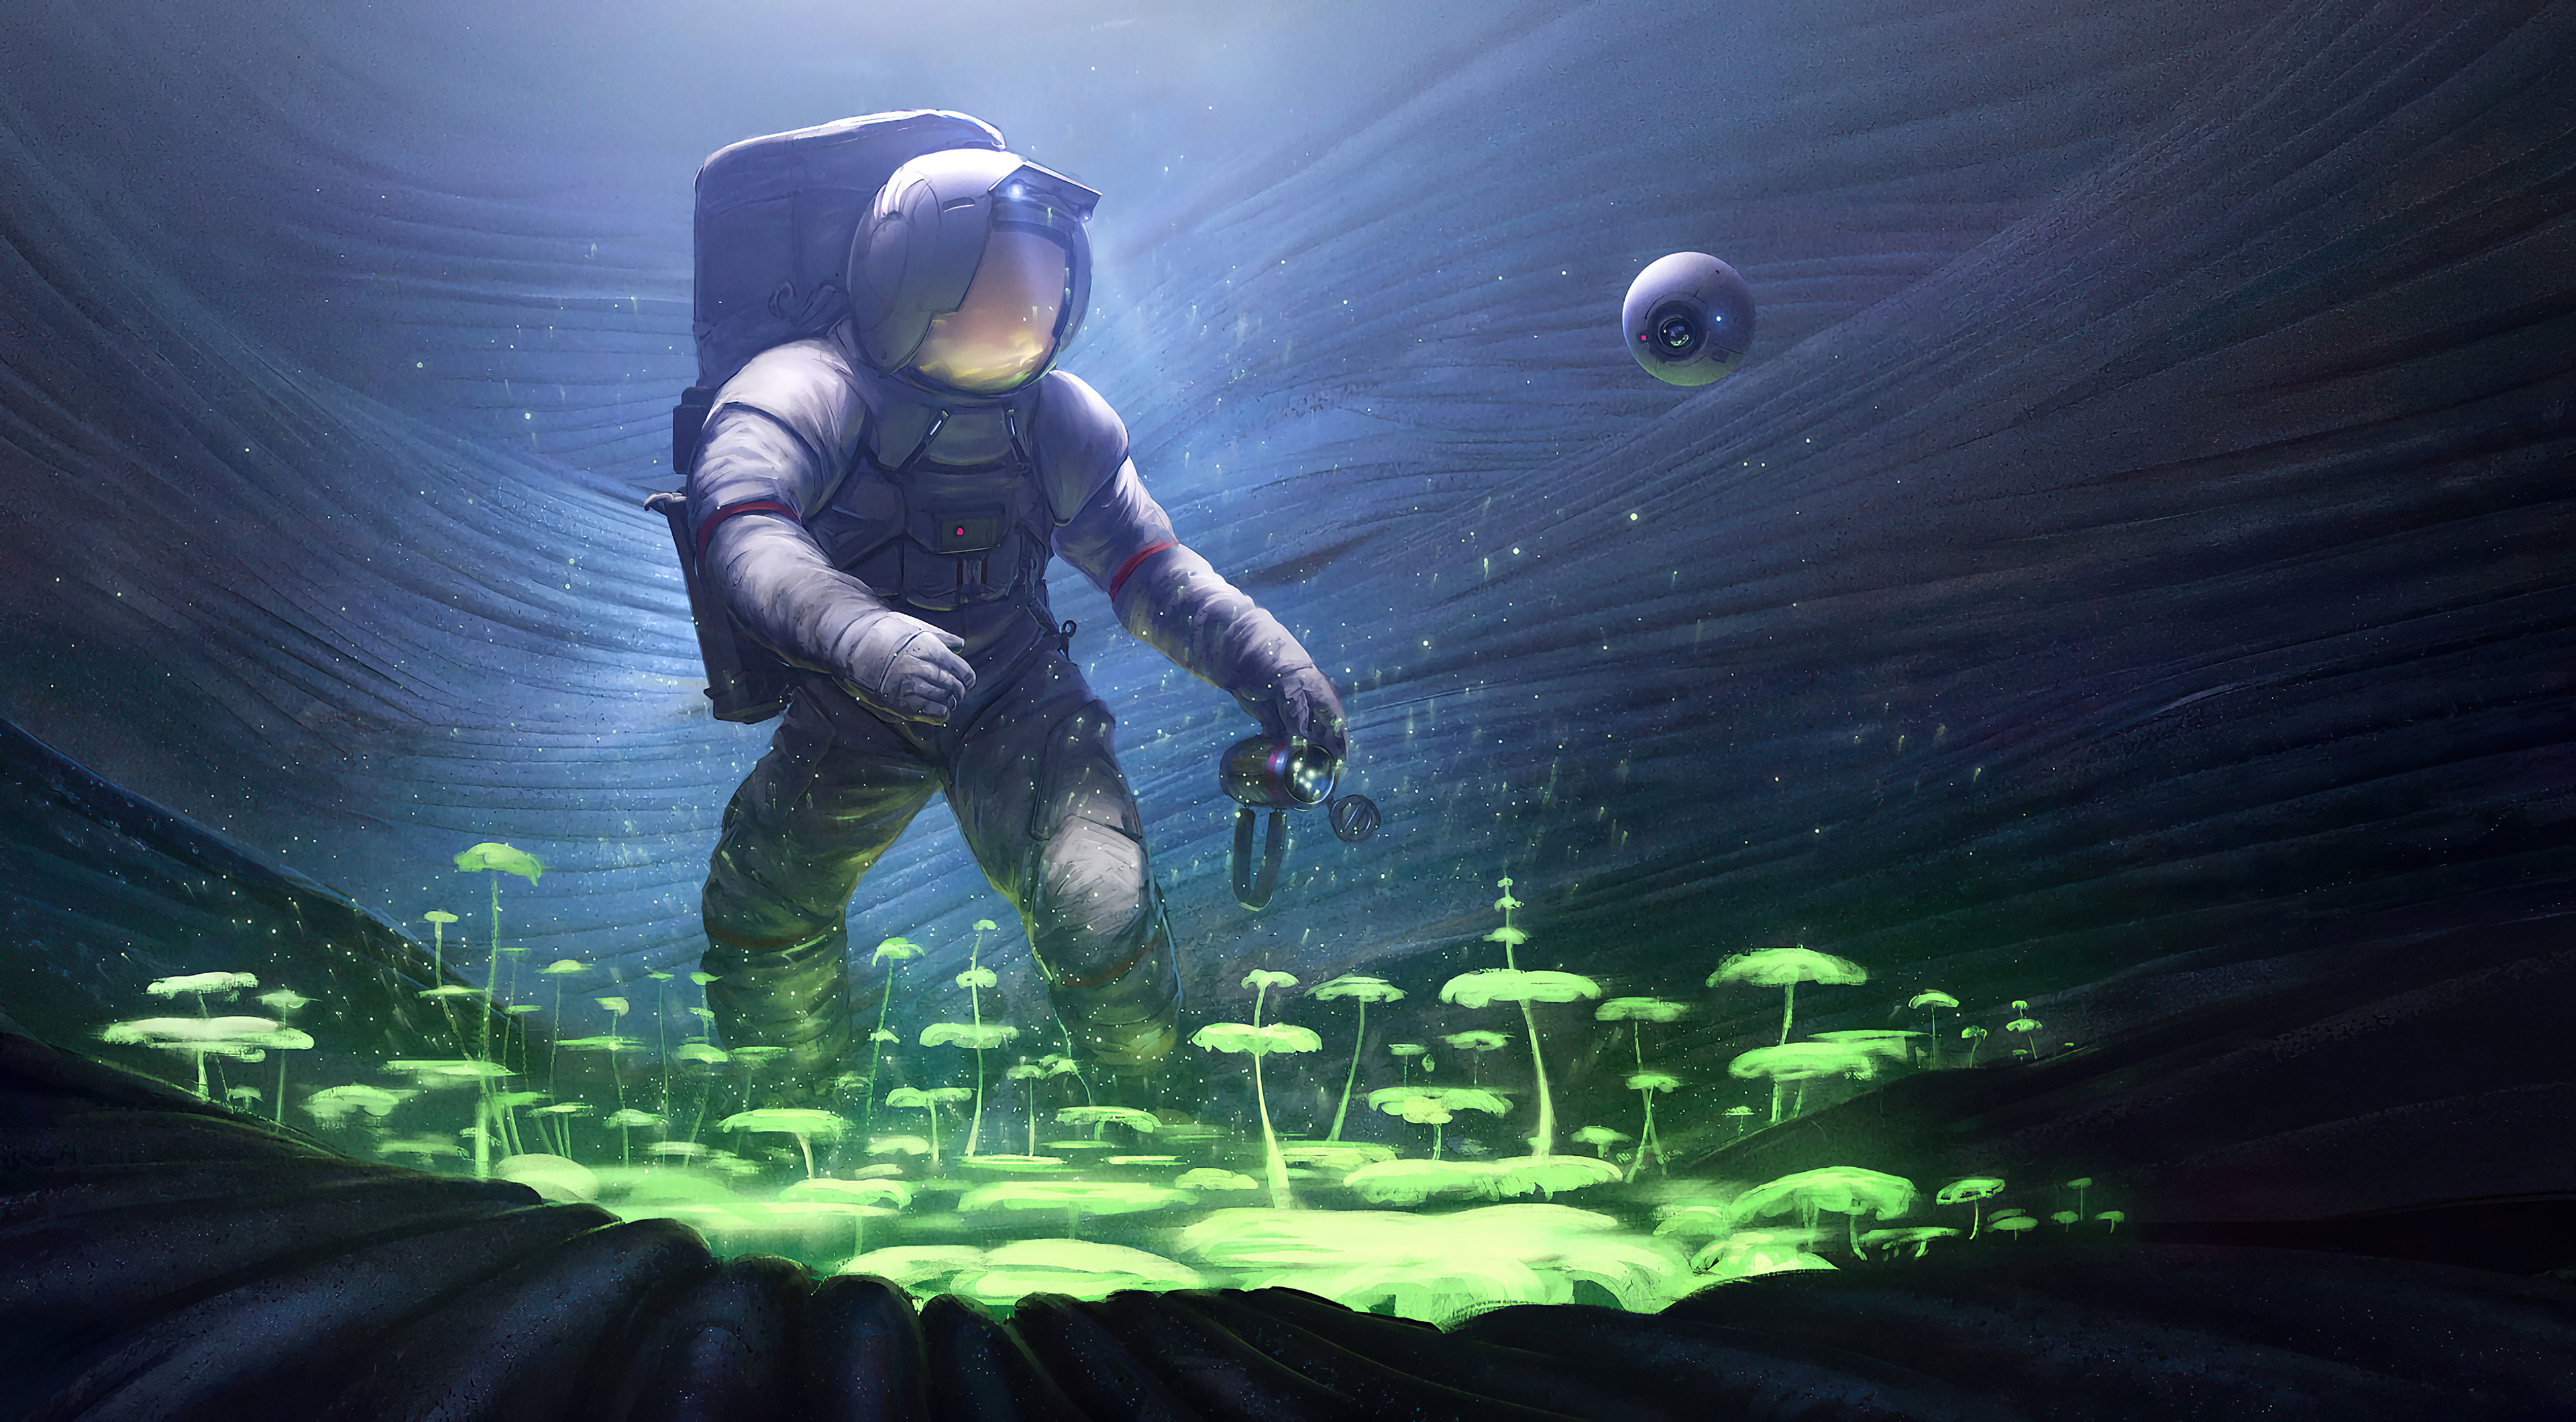 Fondos de pantalla Astronauta de ciencia ficción plantando arboles bajo el agua